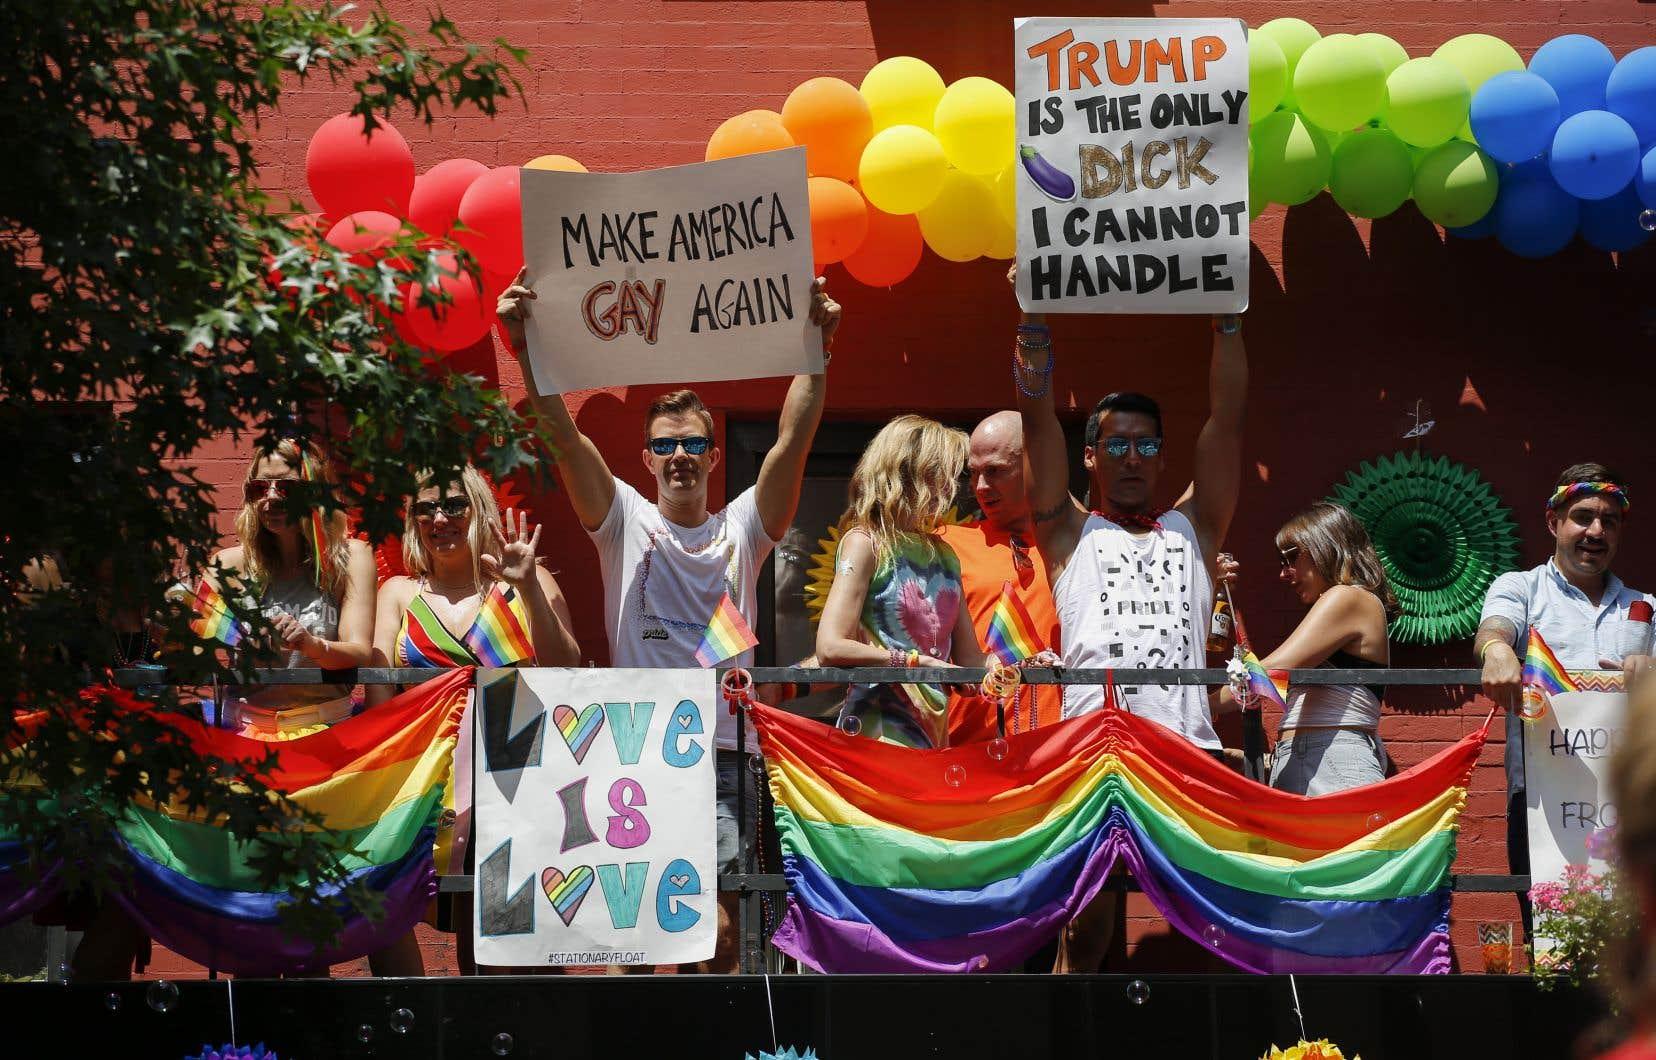 Pour la deuxième année consécutive, de nombreux marcheurs arboraient des banderoles et pancartes anti-Trump.